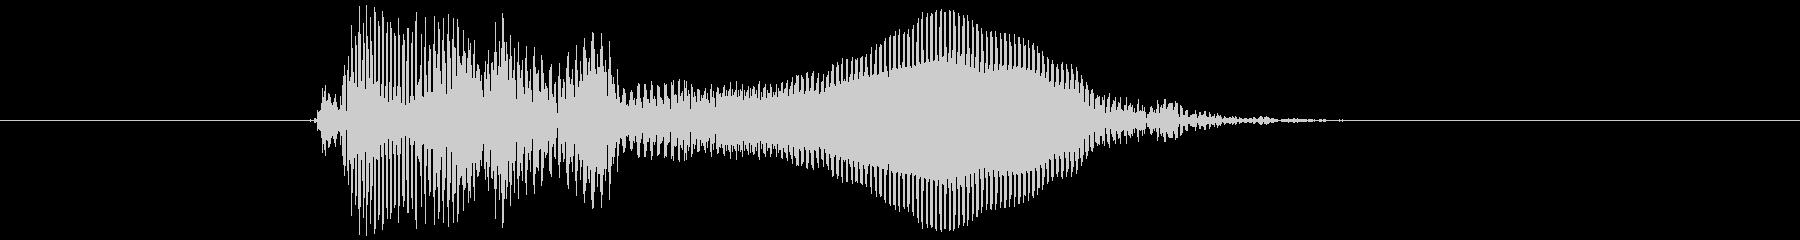 とう!の未再生の波形